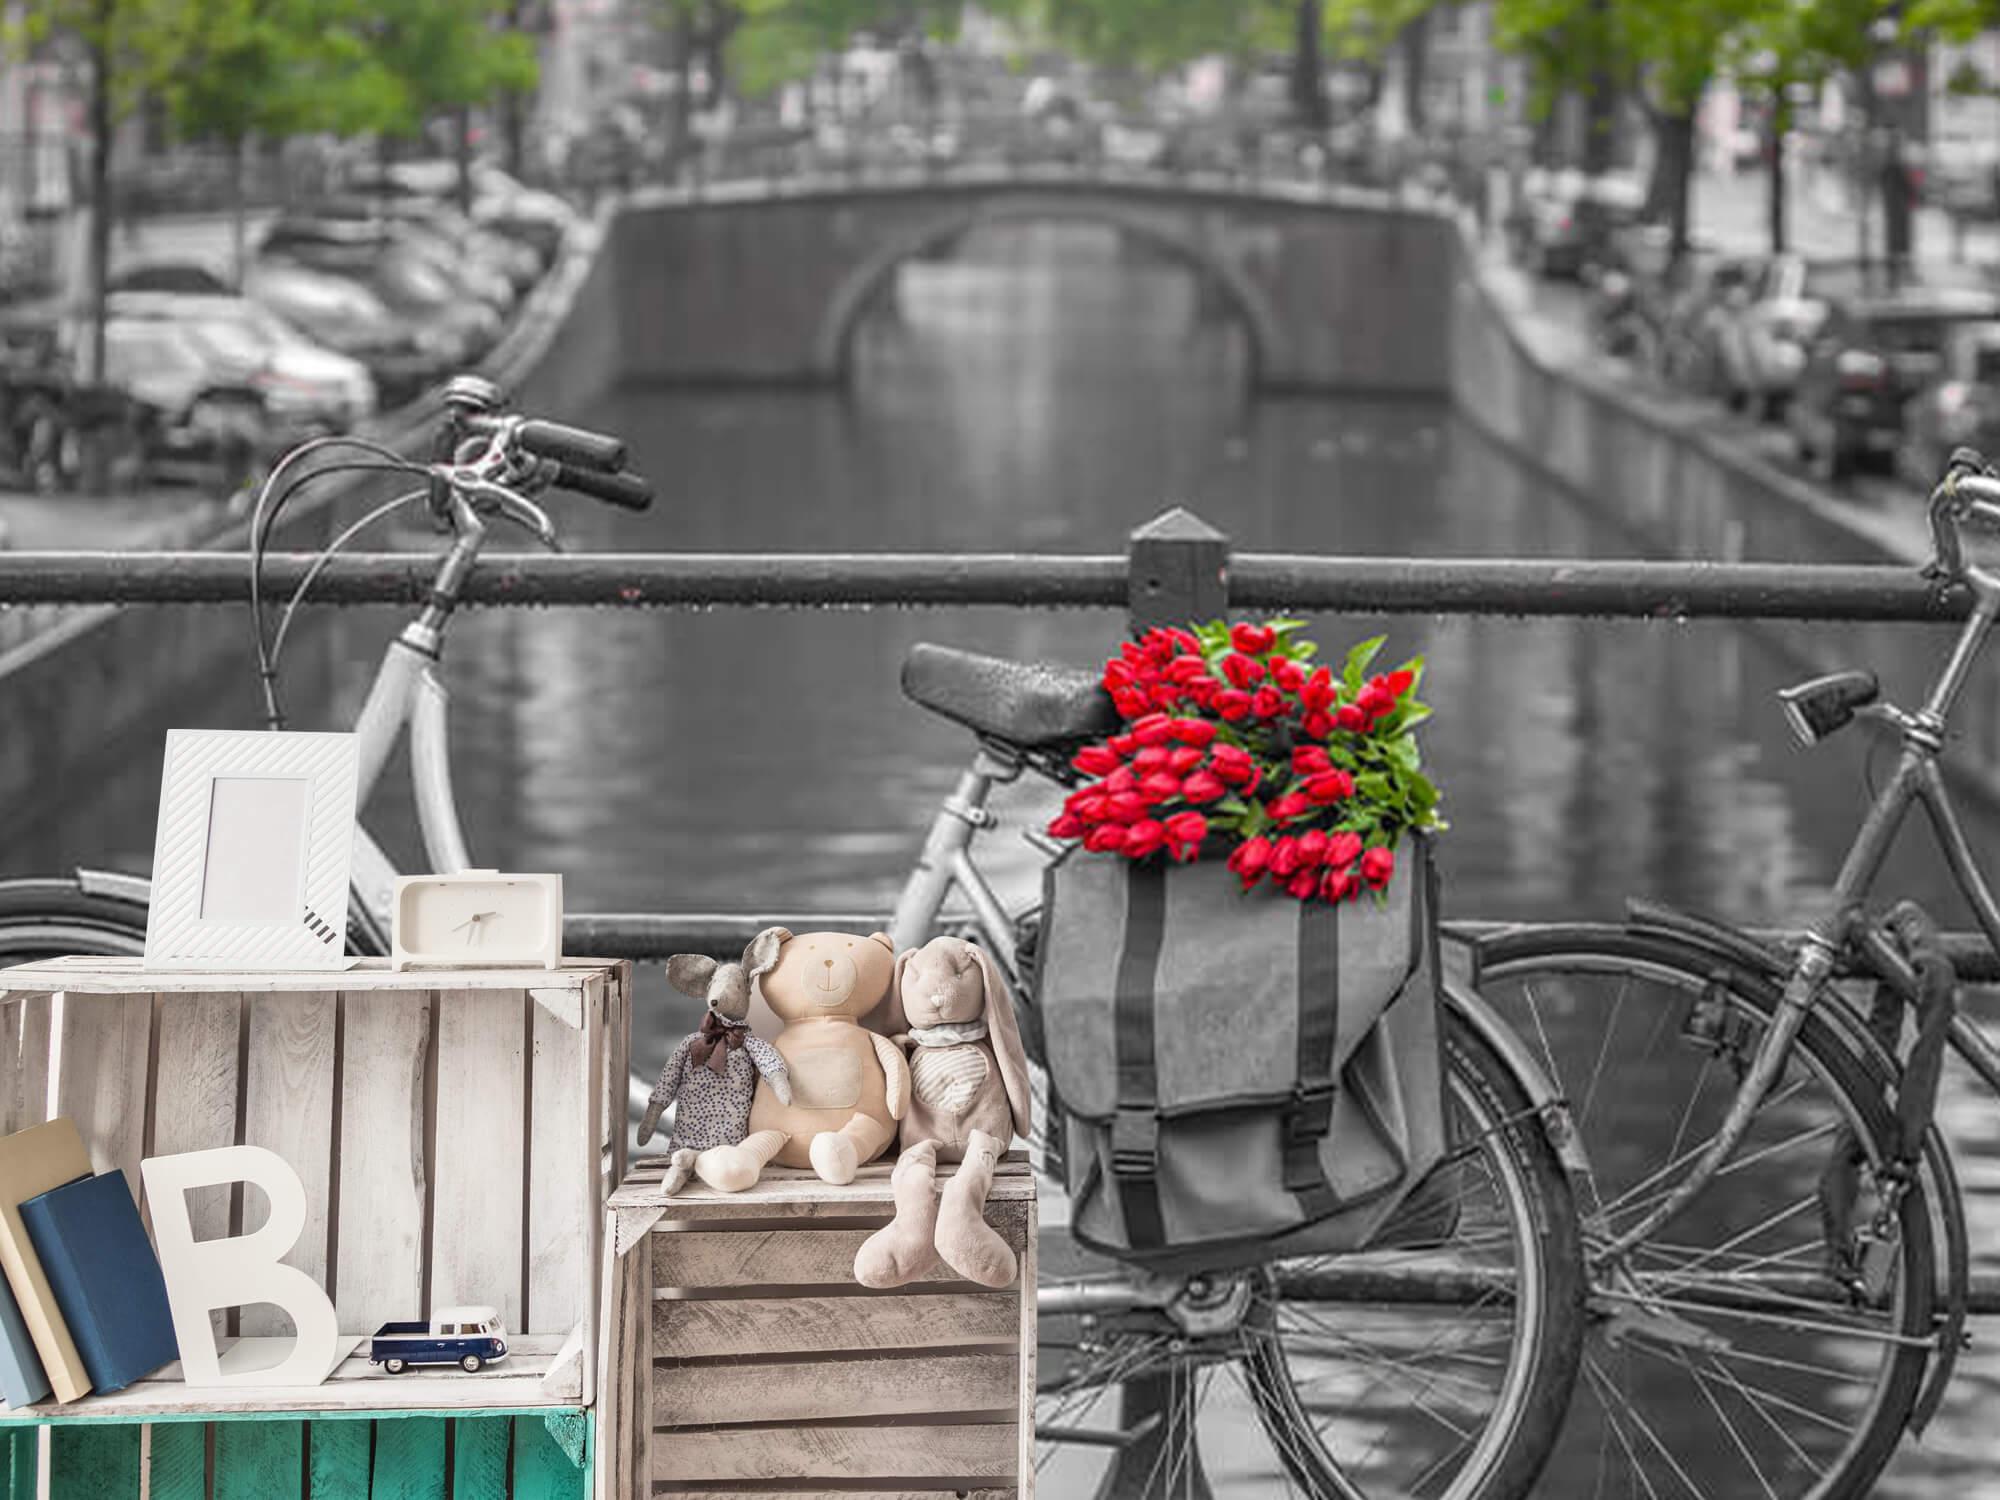 Fiets met bloemen 13